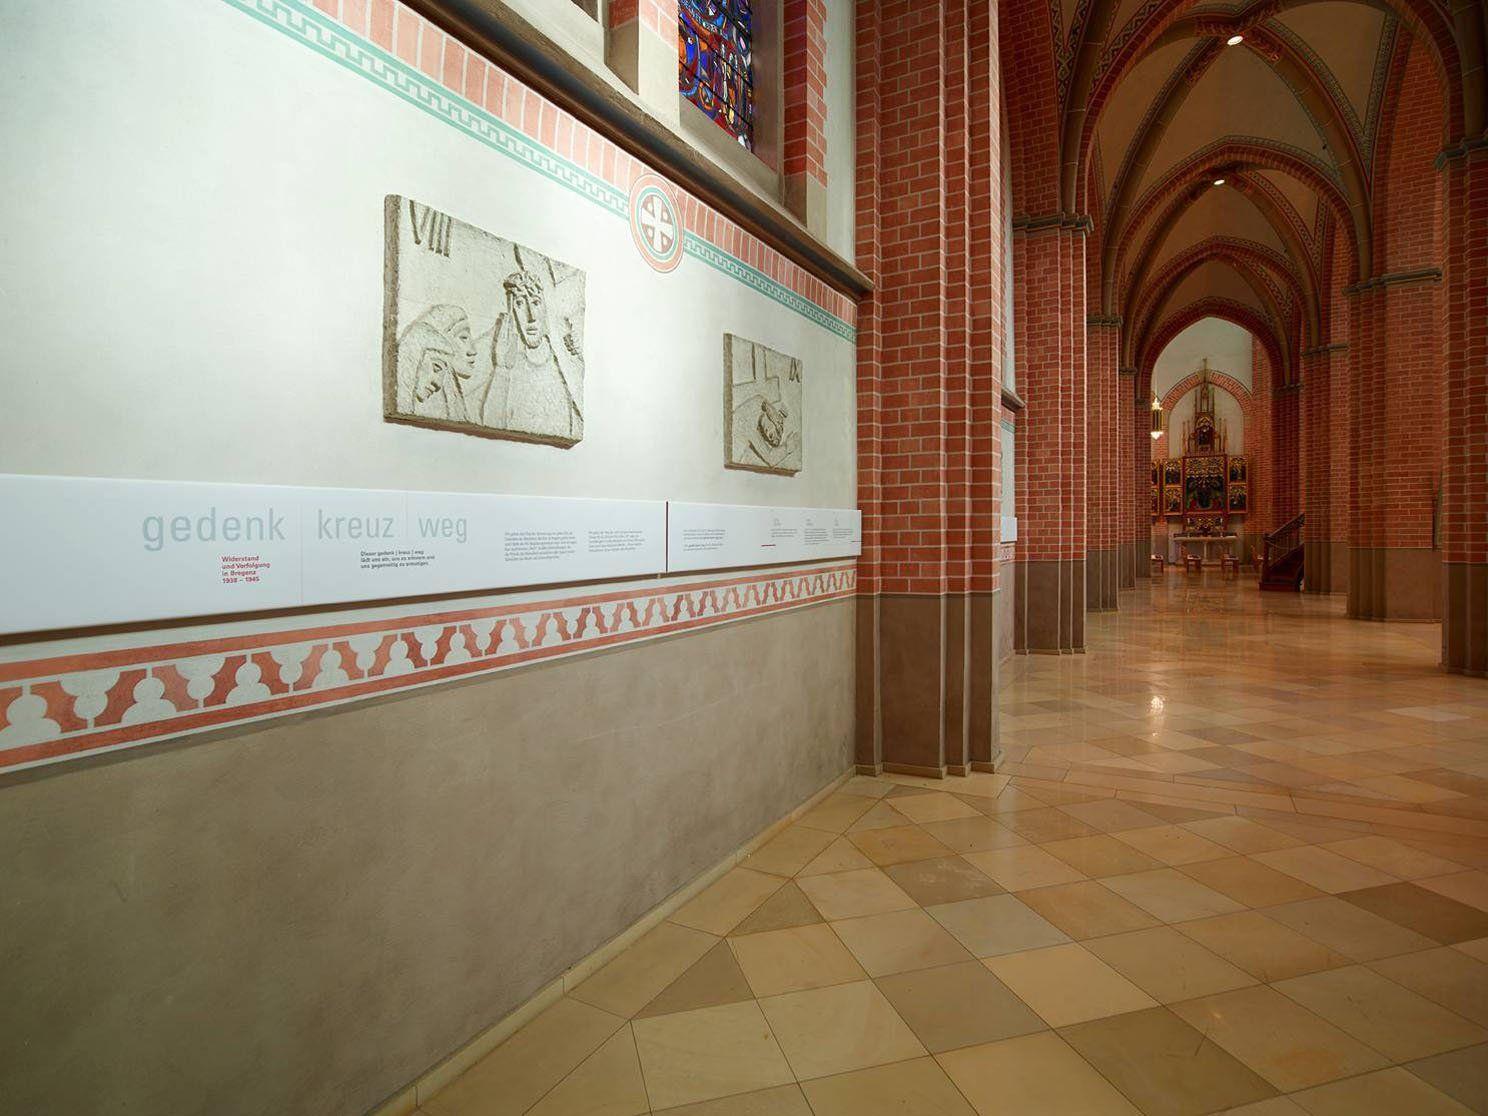 Der Gedenk-Kreuzweg wird kommenden Samstag mit einer Gedenkmesse eingeweiht.